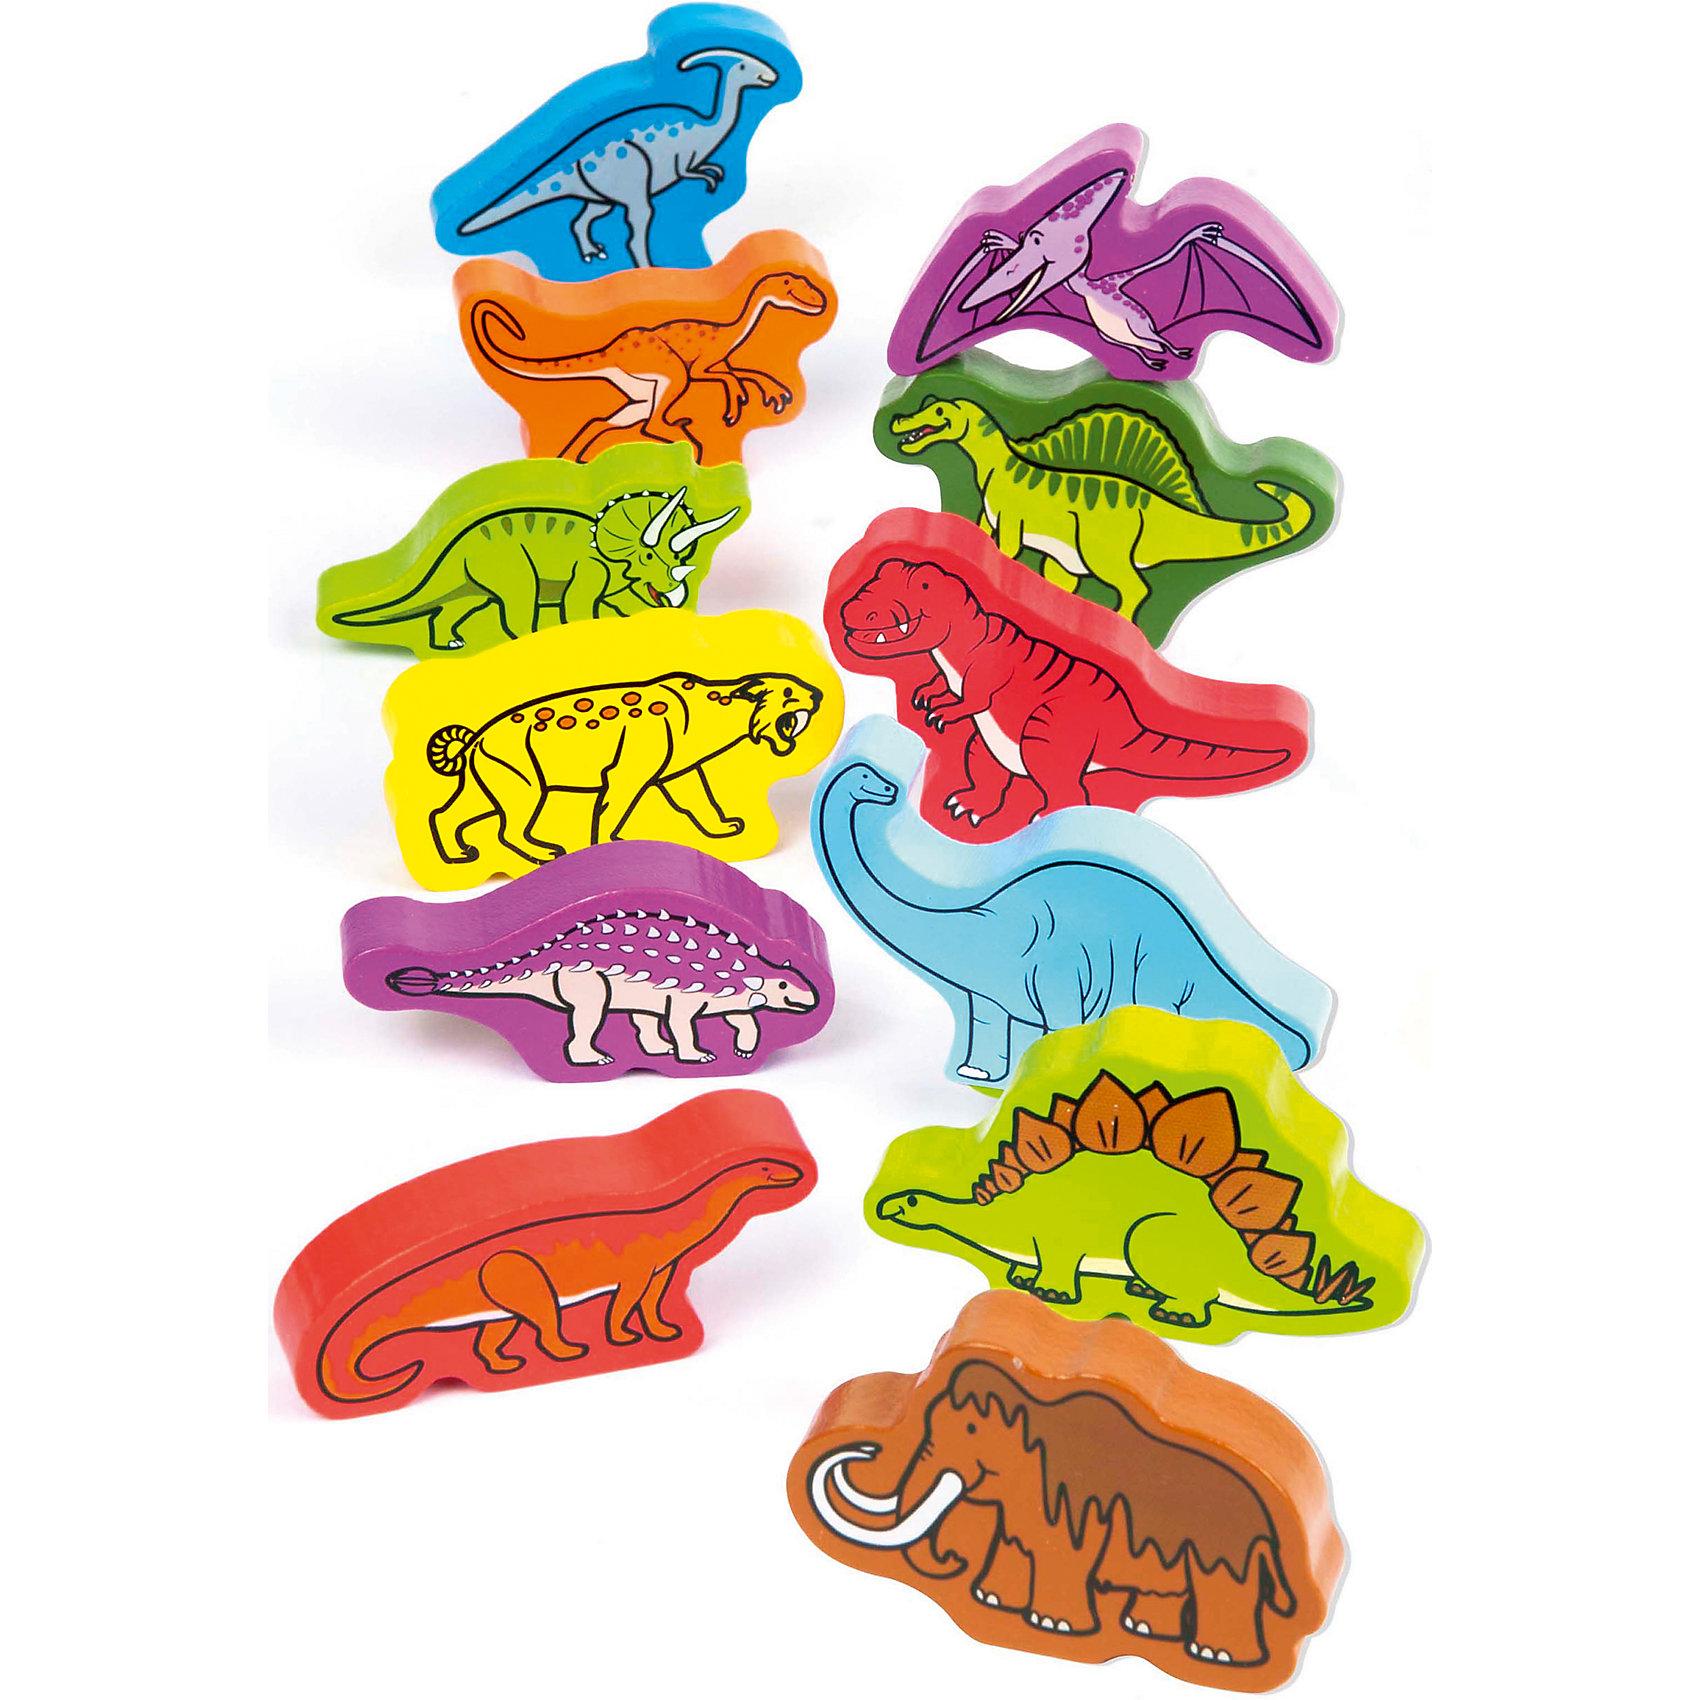 Деревянная игрушка Динозавры, HapeЭти яркие динозавры познакомят малыша с многообразием доисторического мира. С ними можно разыгрывать различные сценки и придумывать собственные истории. Фигурки выполнены из высококачественной древесины и покрыты стойкой краской, которая безопасна для ребенка.<br><br>Дополнительная информация:<br><br>- Возраст: от 1 до 3 лет<br>- В комплекте: 12 фигурок динозавров<br>- Материал: дерево<br>- Размер: 4х4х31 см<br>- Вес: 0.22 кг<br><br>Деревянную игрушку Динозавры, Hape можно купить в нашем интернет-магазине.<br><br>Ширина мм: 40<br>Глубина мм: 40<br>Высота мм: 310<br>Вес г: 225<br>Возраст от месяцев: 12<br>Возраст до месяцев: 36<br>Пол: Унисекс<br>Возраст: Детский<br>SKU: 4779530